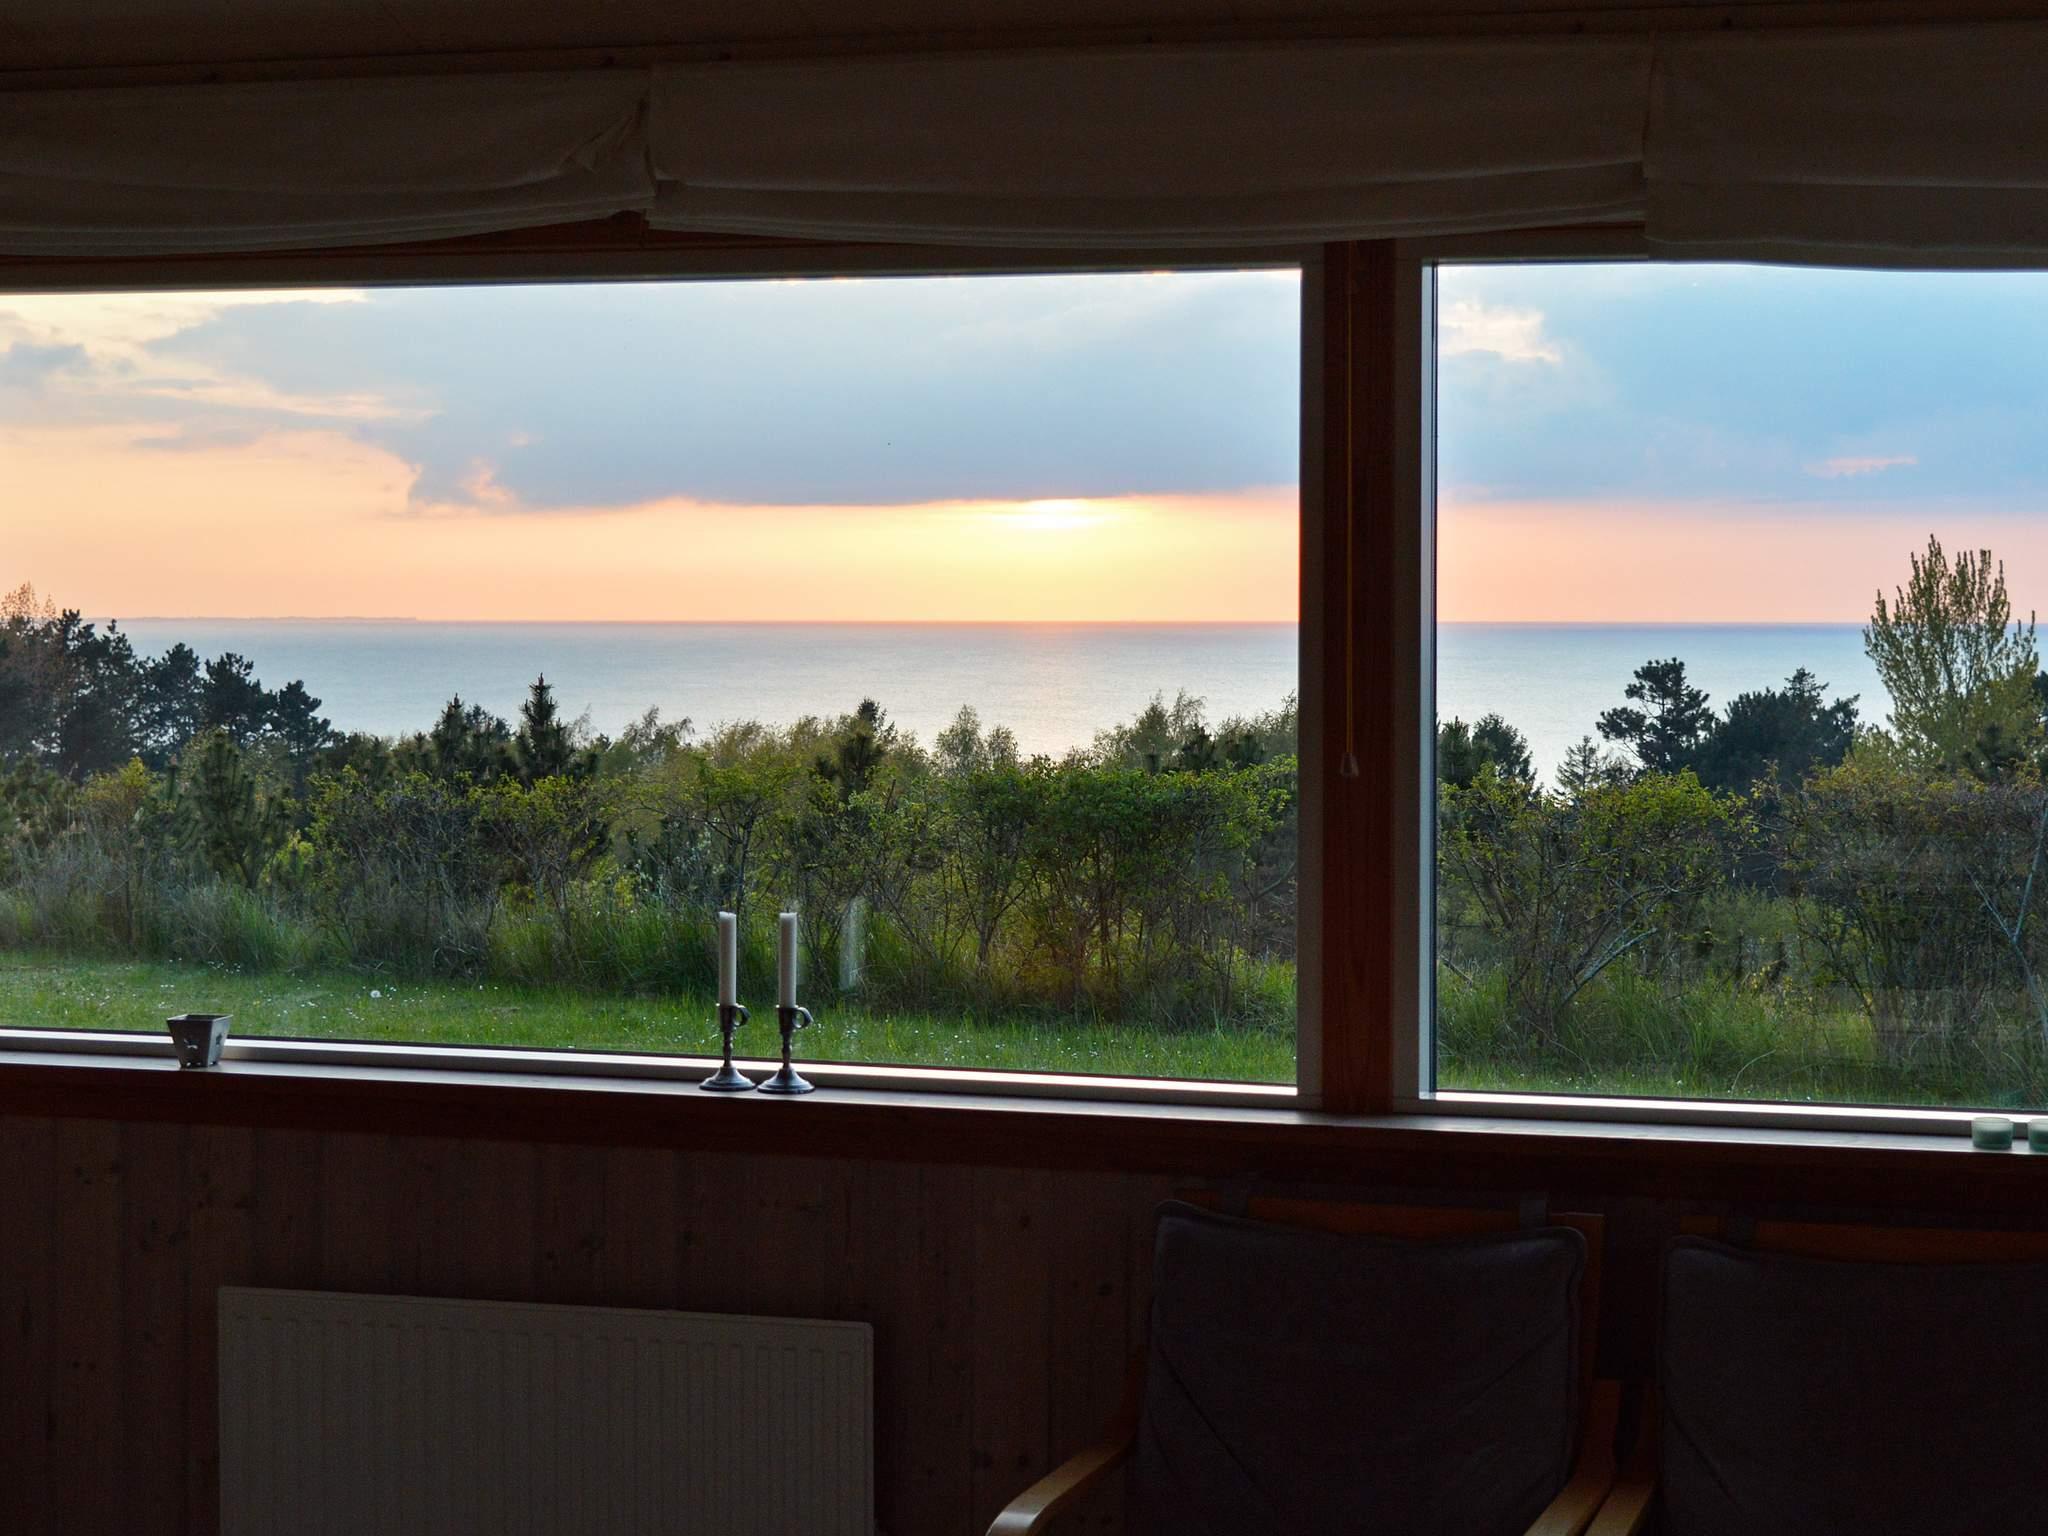 Ferienhaus Veddinge Bakker (2354175), Veddinge, , Westseeland, Dänemark, Bild 18